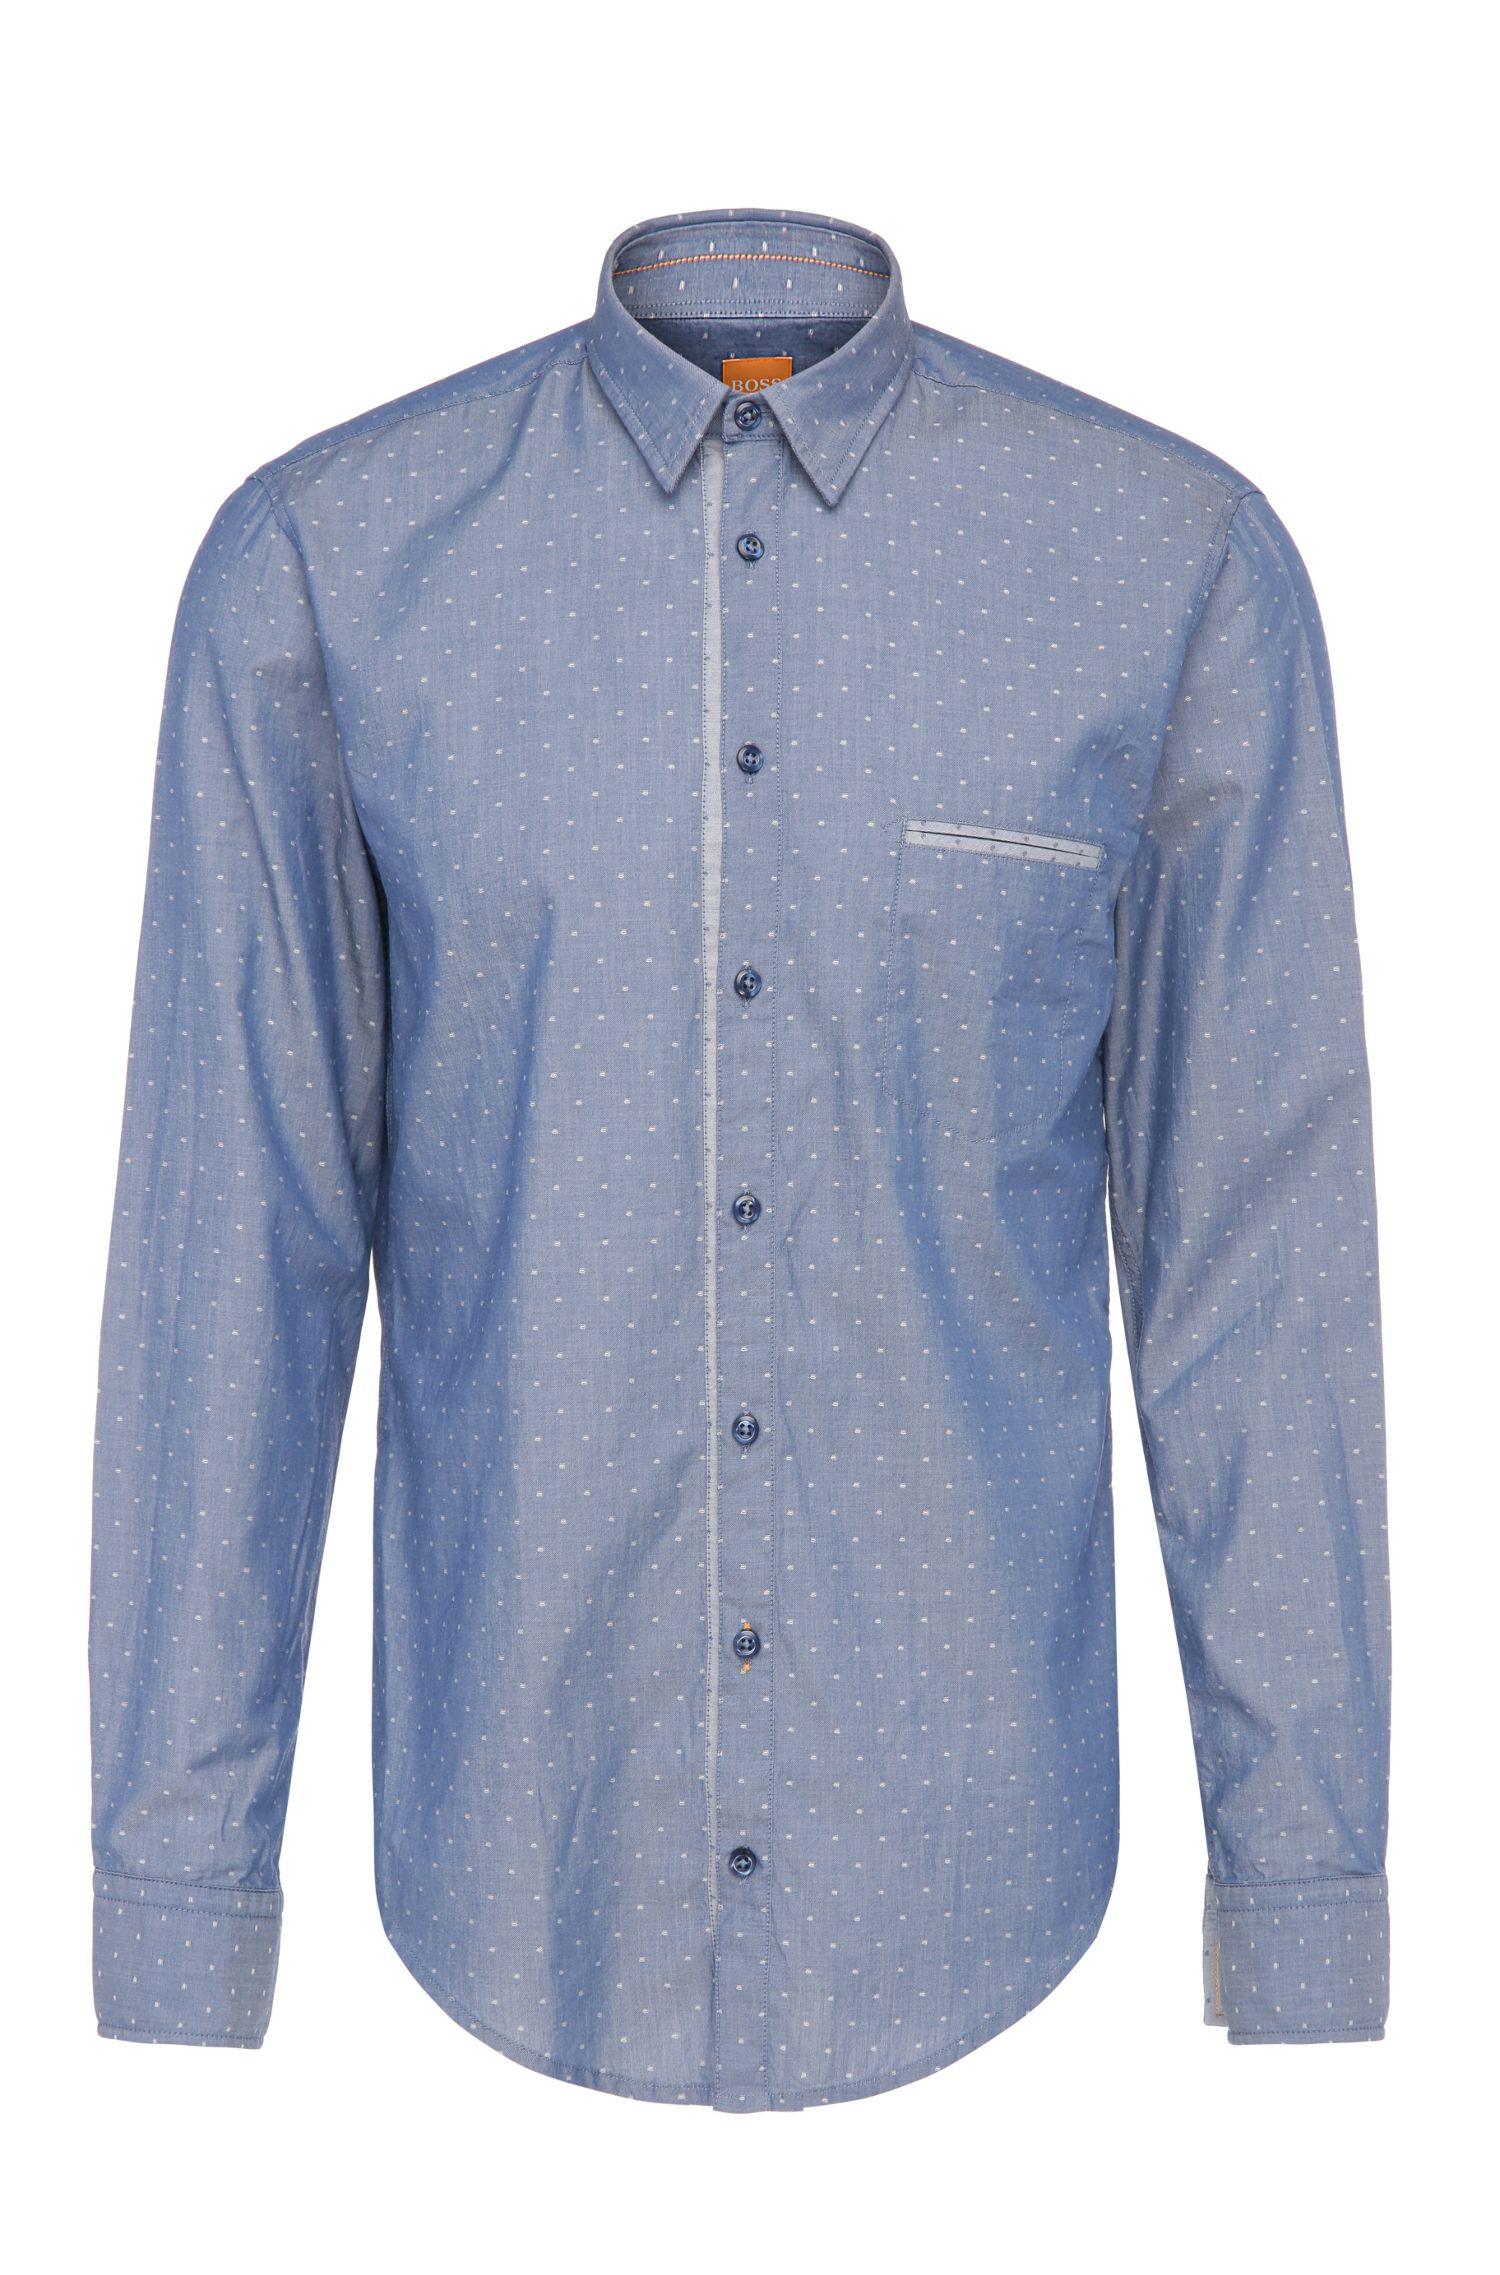 Regular-Fit Baumwollhemd in gepunkteter Jeans-Optik: ´CieloebuE_1`